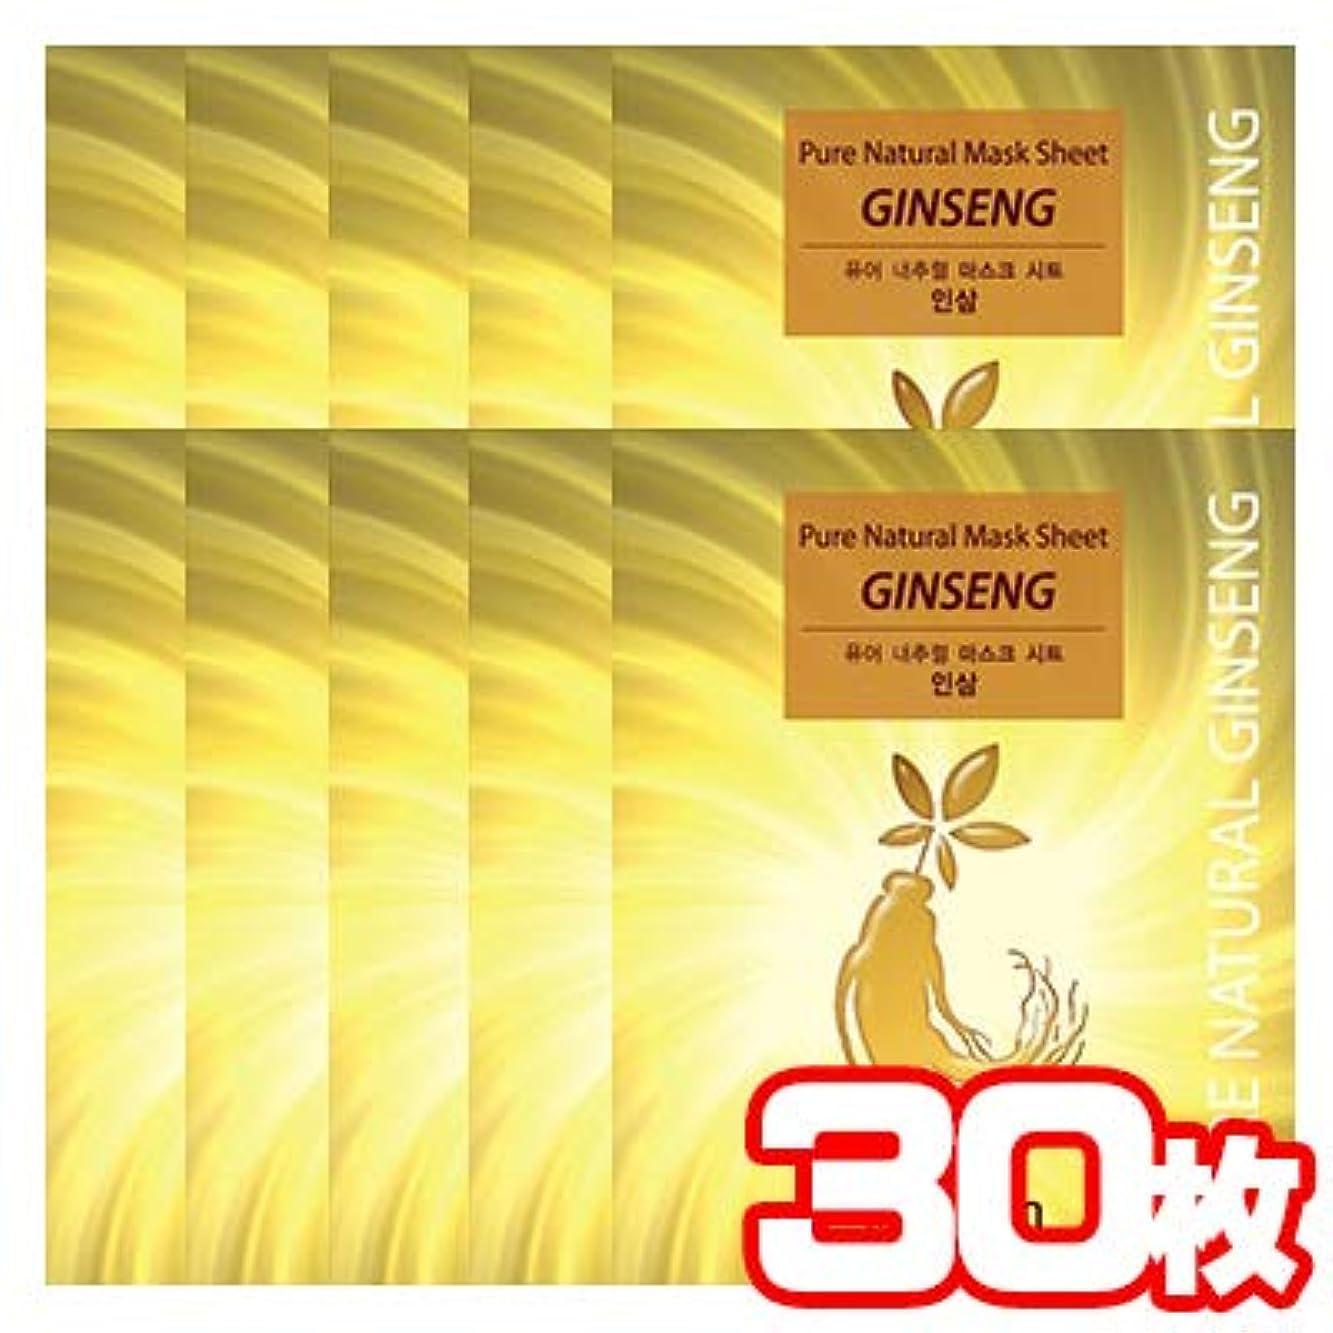 正確電池汚物ザセム ピュア ナチュラル マスクシート 3類 Pure Natural Mask Sheet 20mlx30枚 (高麗人参(30枚))